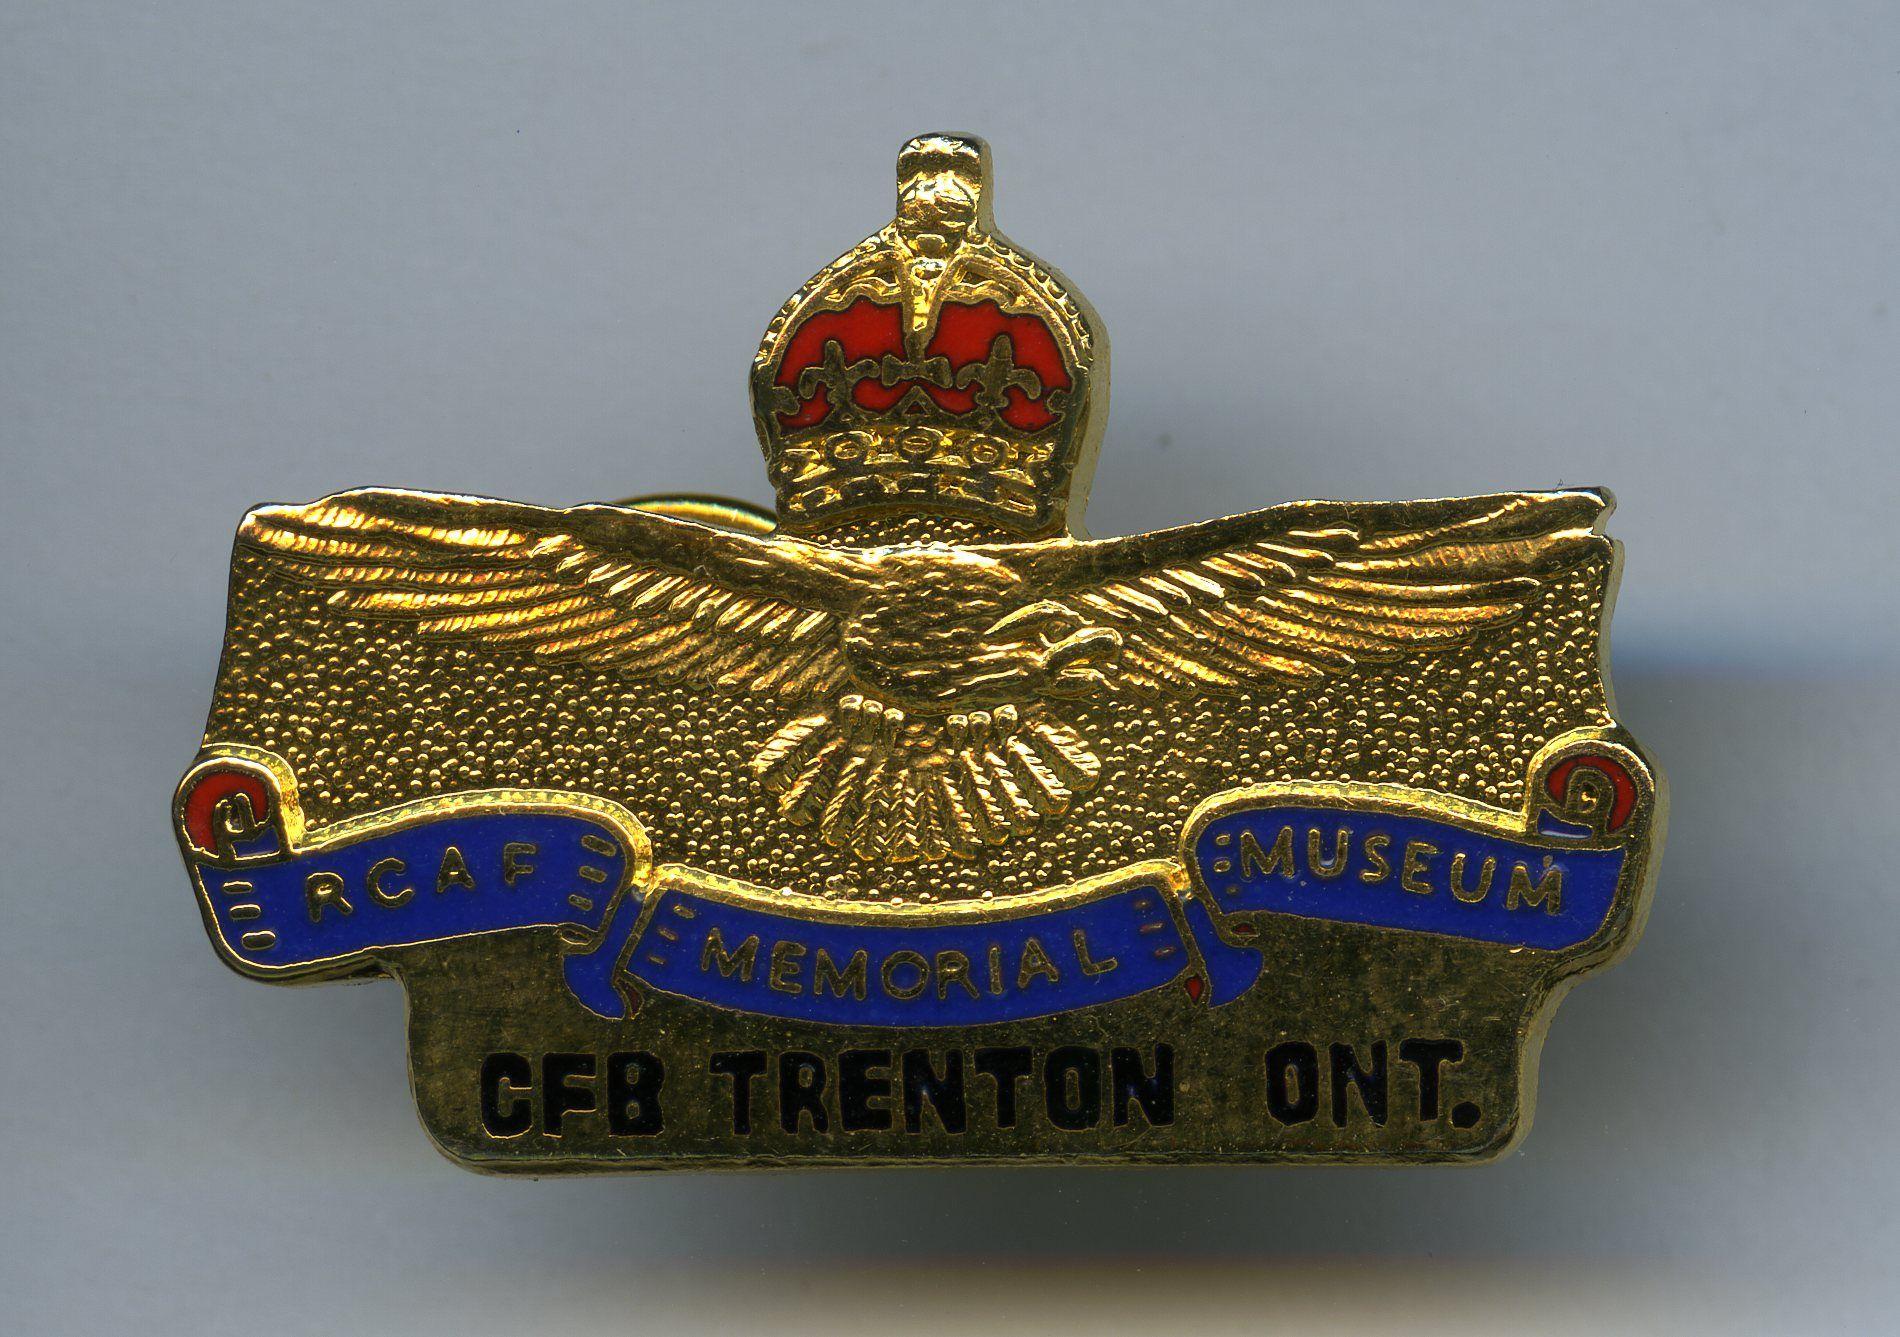 RCAF Memorial Museum Trenton, Ontario Memorial museum